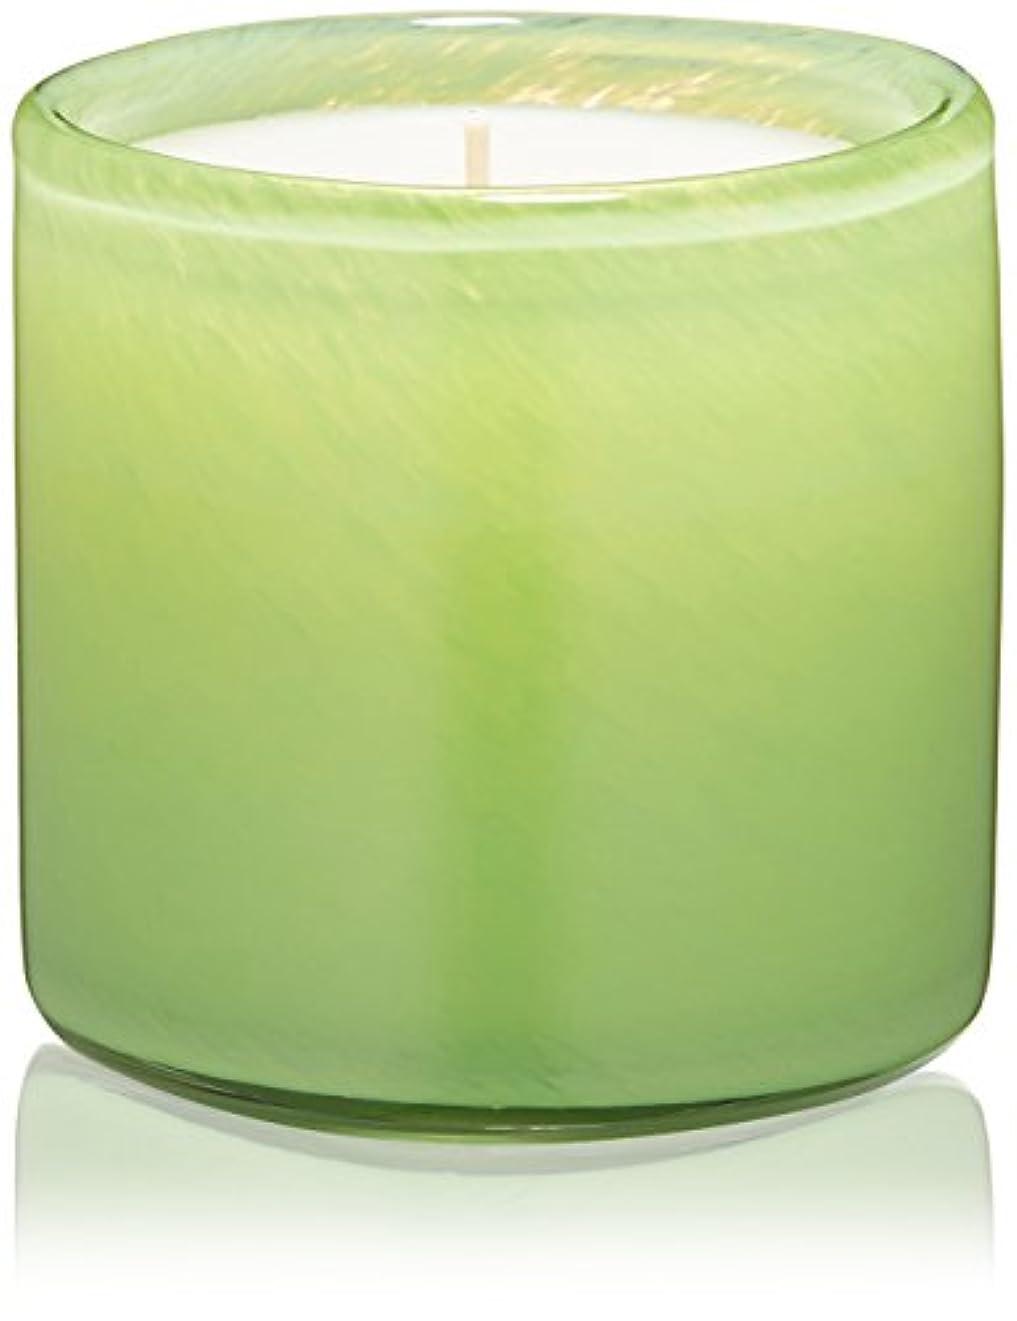 持ってるテセウス避けるLafcoミントハーブティー/瞑想部屋candle-6.5 Oz